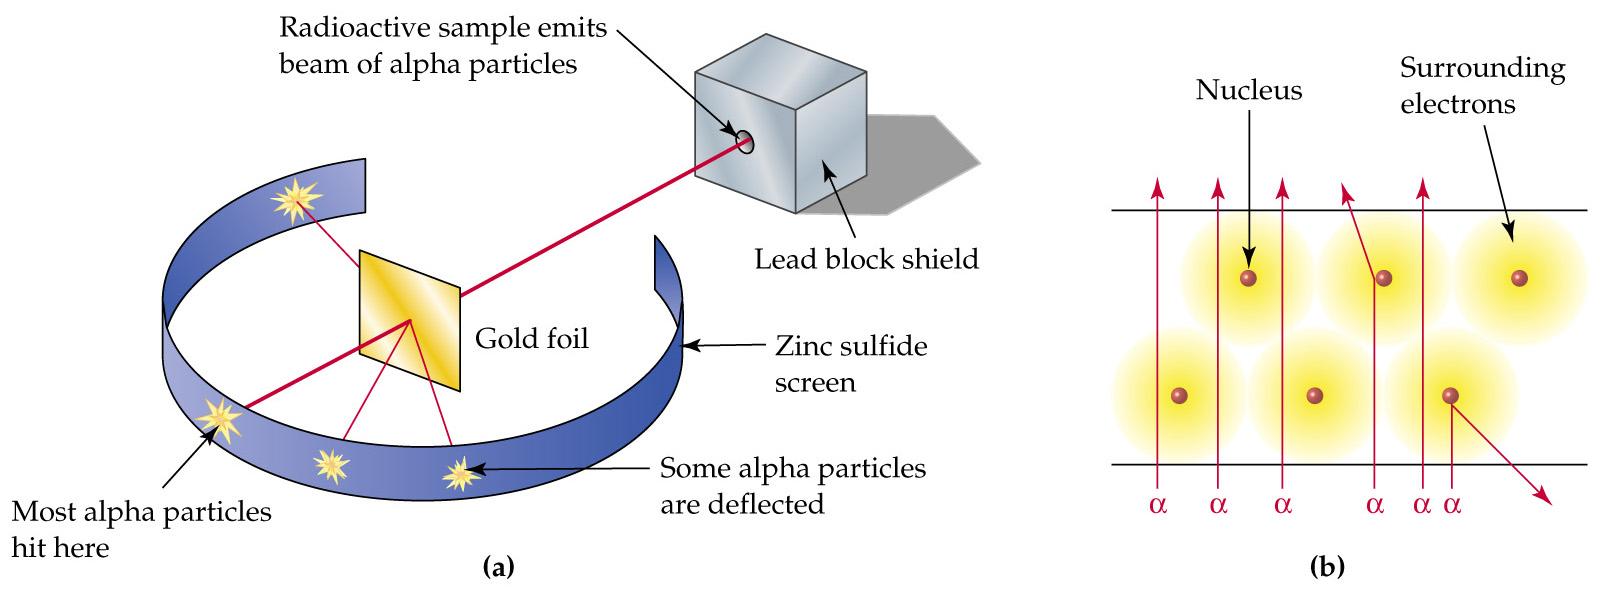 (http://1.bp.blogspot.com/_Da4JKu_7EEo/TK0h0cSSMLI/AAAAAAAAAB8/Fws_fPoN5o8/s1600/diagram.jpg)